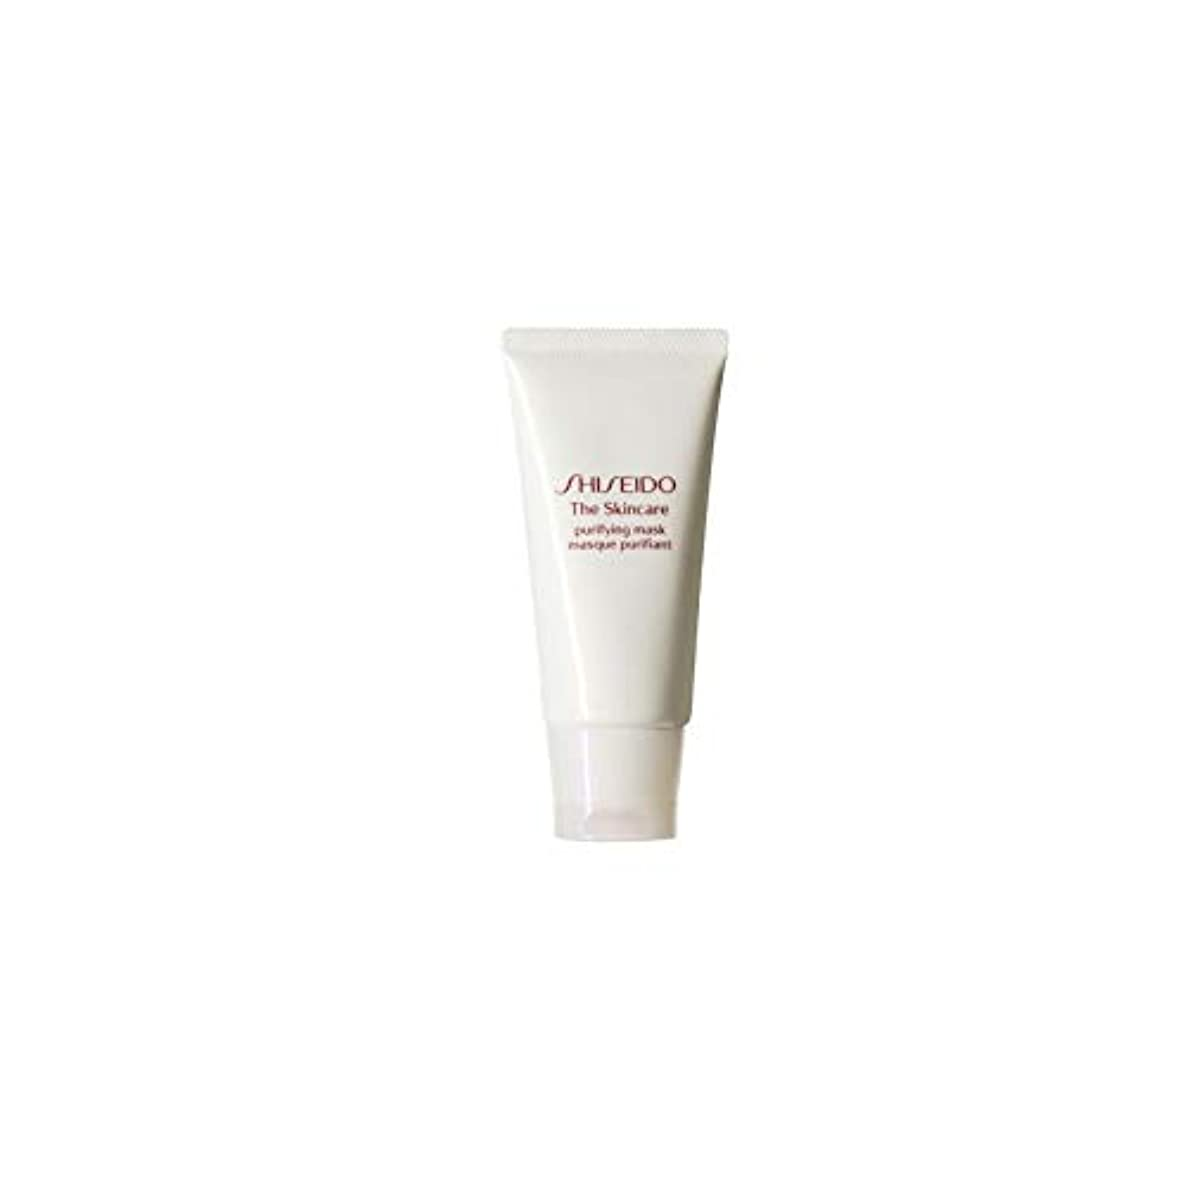 くさび根拠文芸[Shiseido] 資生堂スキンケアの必需品浄化マスク(75ミリリットル) - Shiseido The Skincare Essentials Purifying Mask (75ml) [並行輸入品]